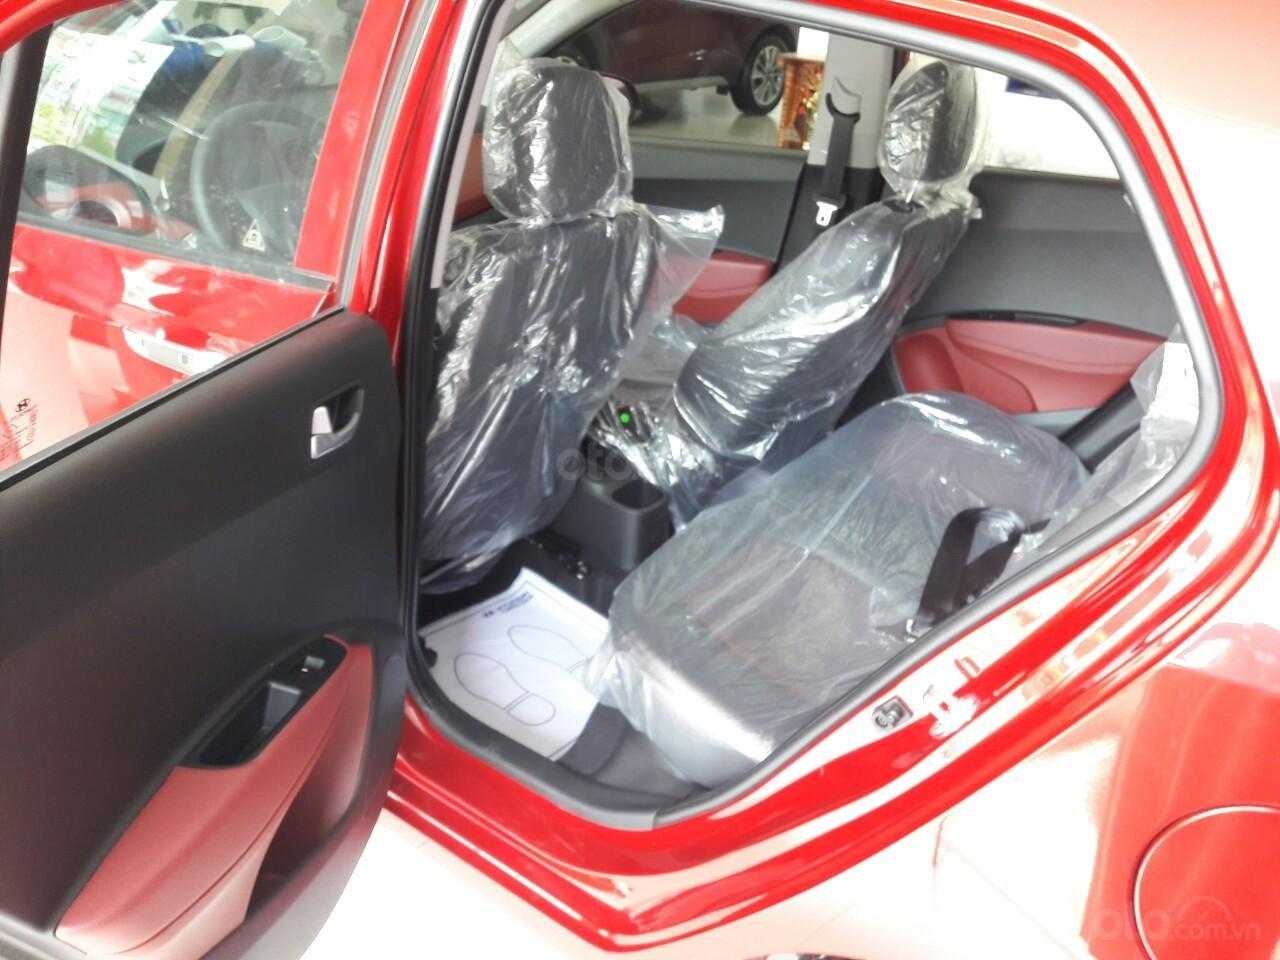 Bán Hyundai Grand I10 1.2AT, màu đỏ nhận xe ngay chỉ với 120tr, hỗ trợ đăng ký Grab, vay trả góp LS cực ưu đãi (4)